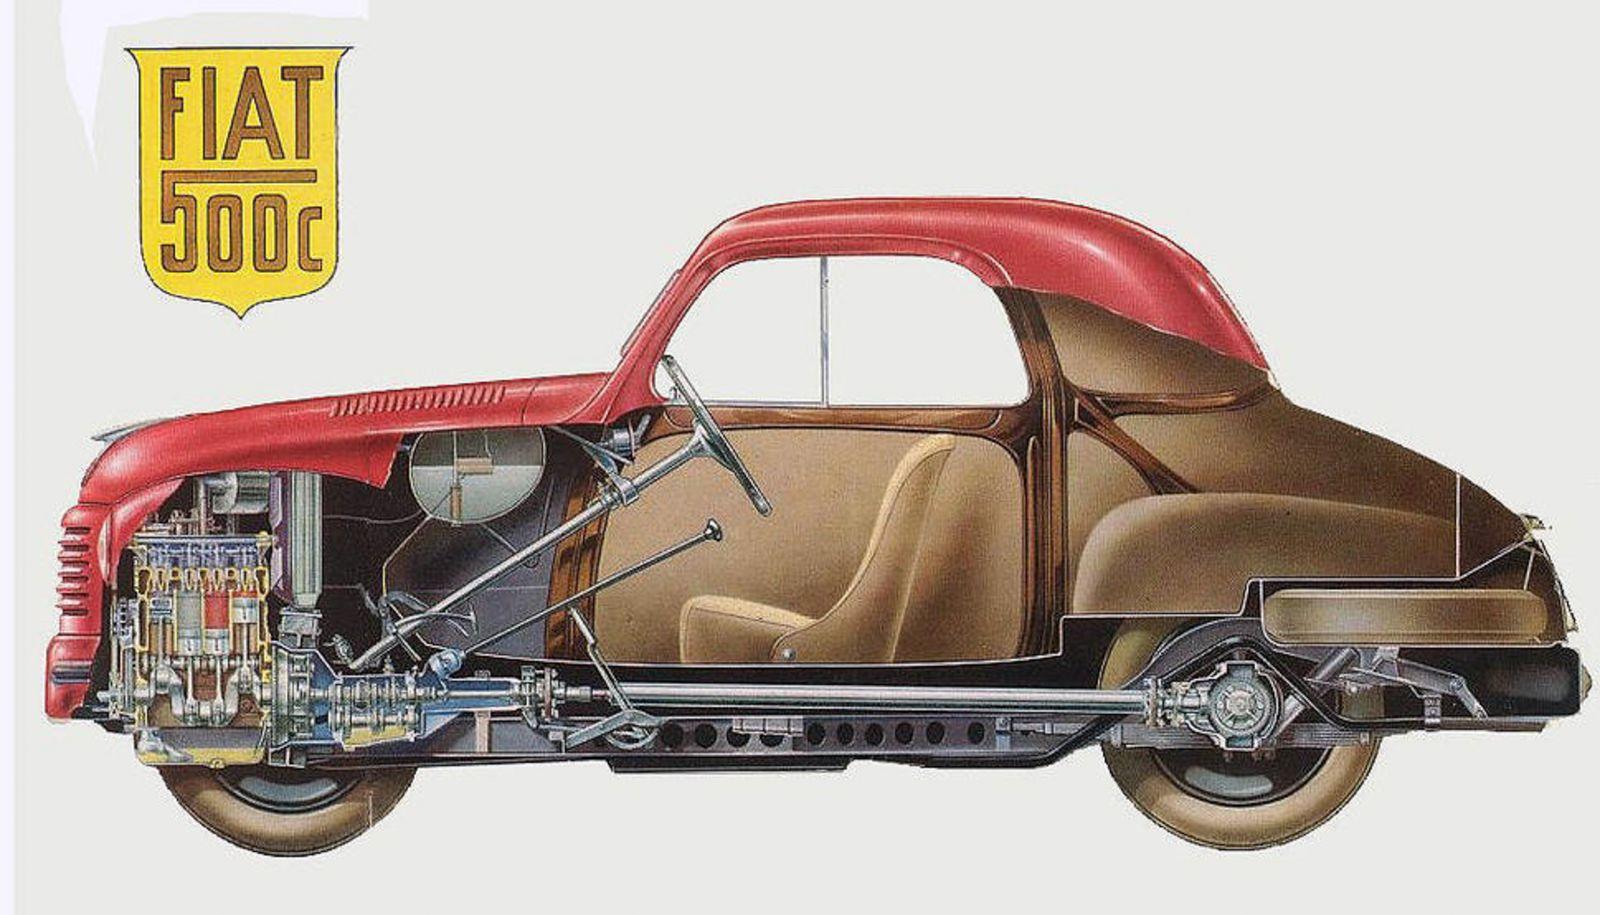 Verkochtfiat Fiat 500c Topolino